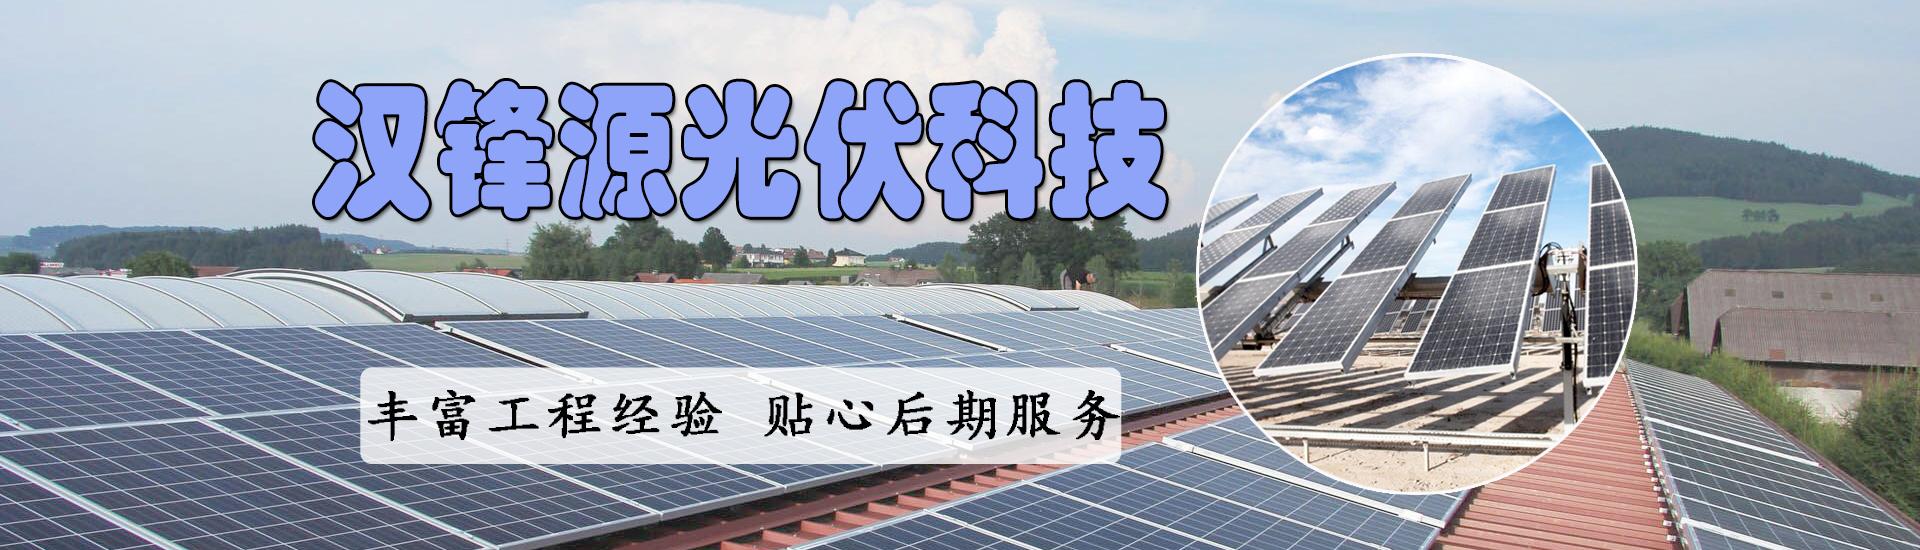 南阳太阳能产品